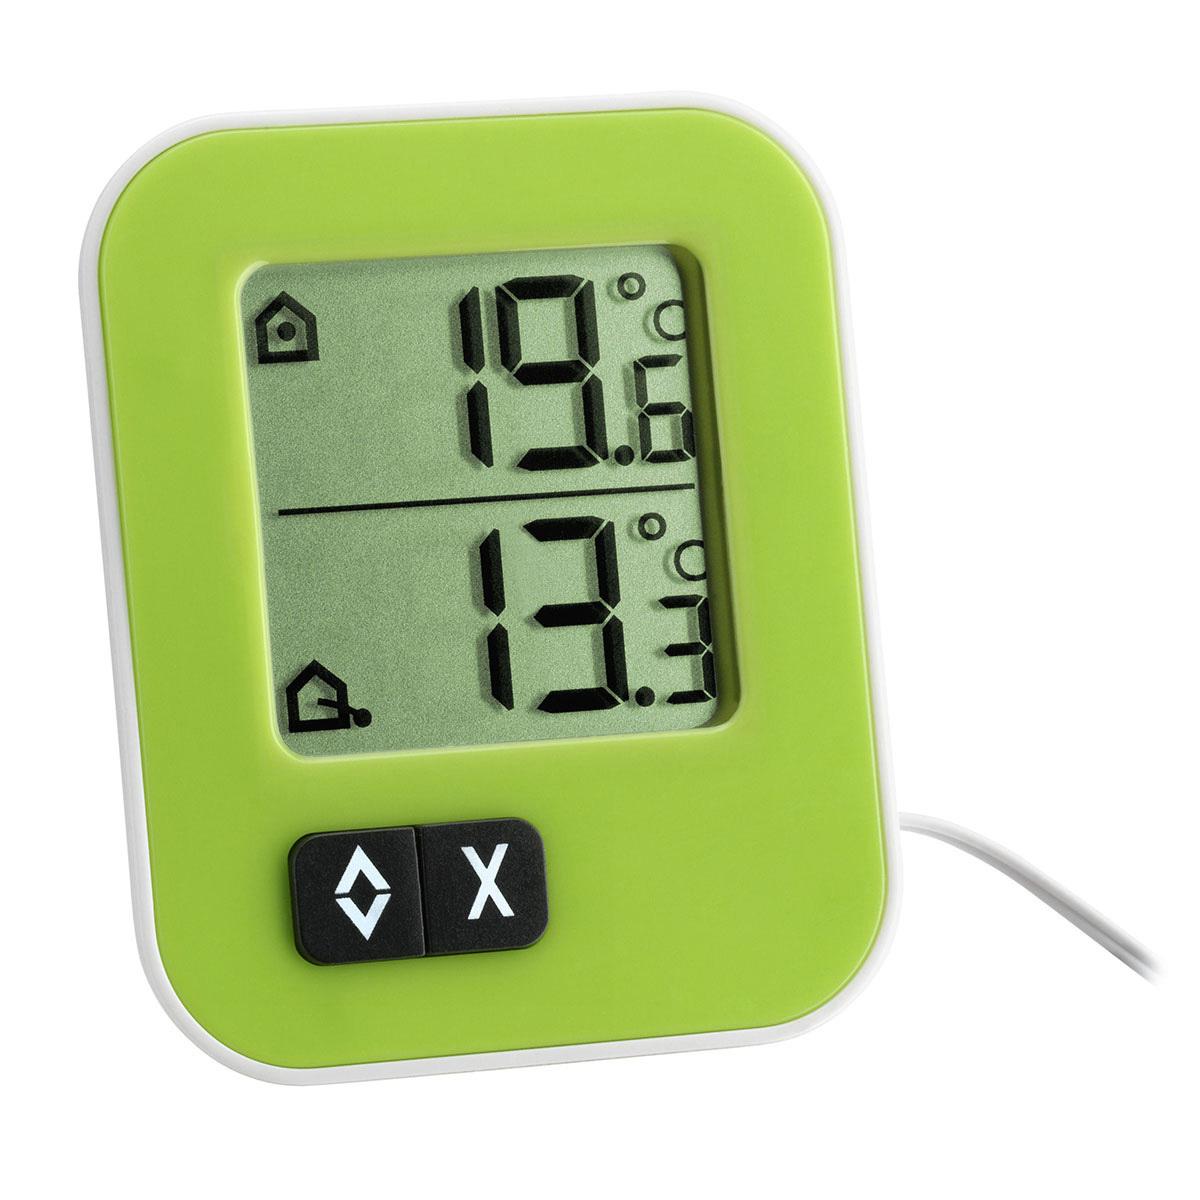 30-1043-04-digitales-innen-aussen-thermometer-moxx-1200x1200px.jpg